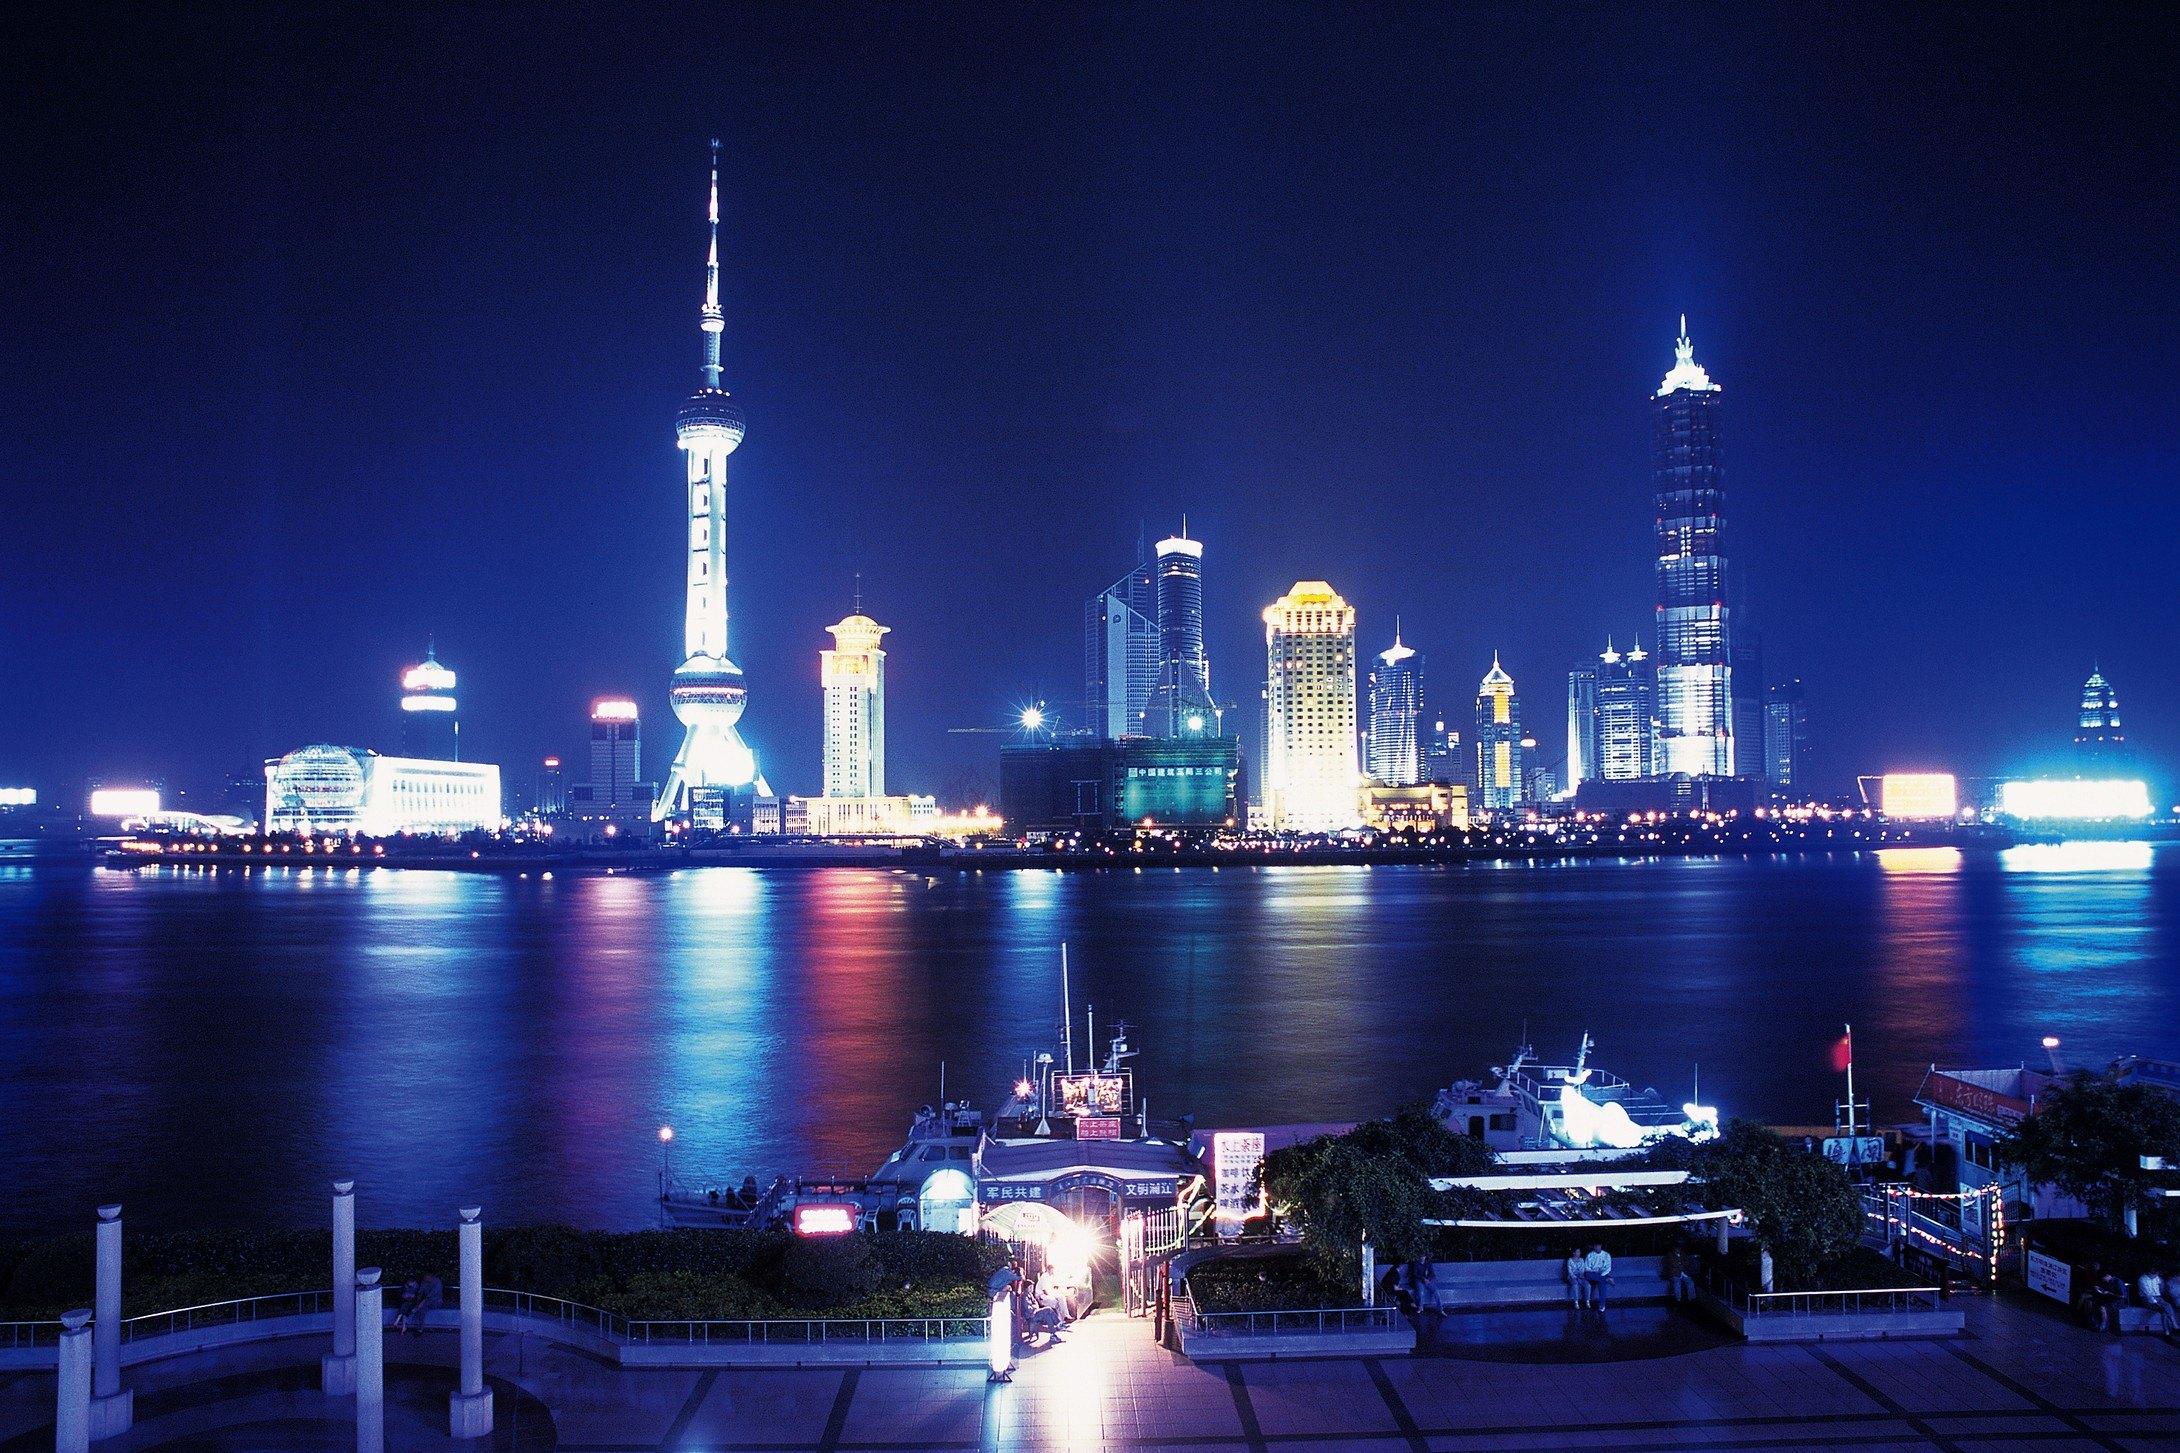 【携程攻略】上海外滩景点,外滩位于浦西,东临黄浦江